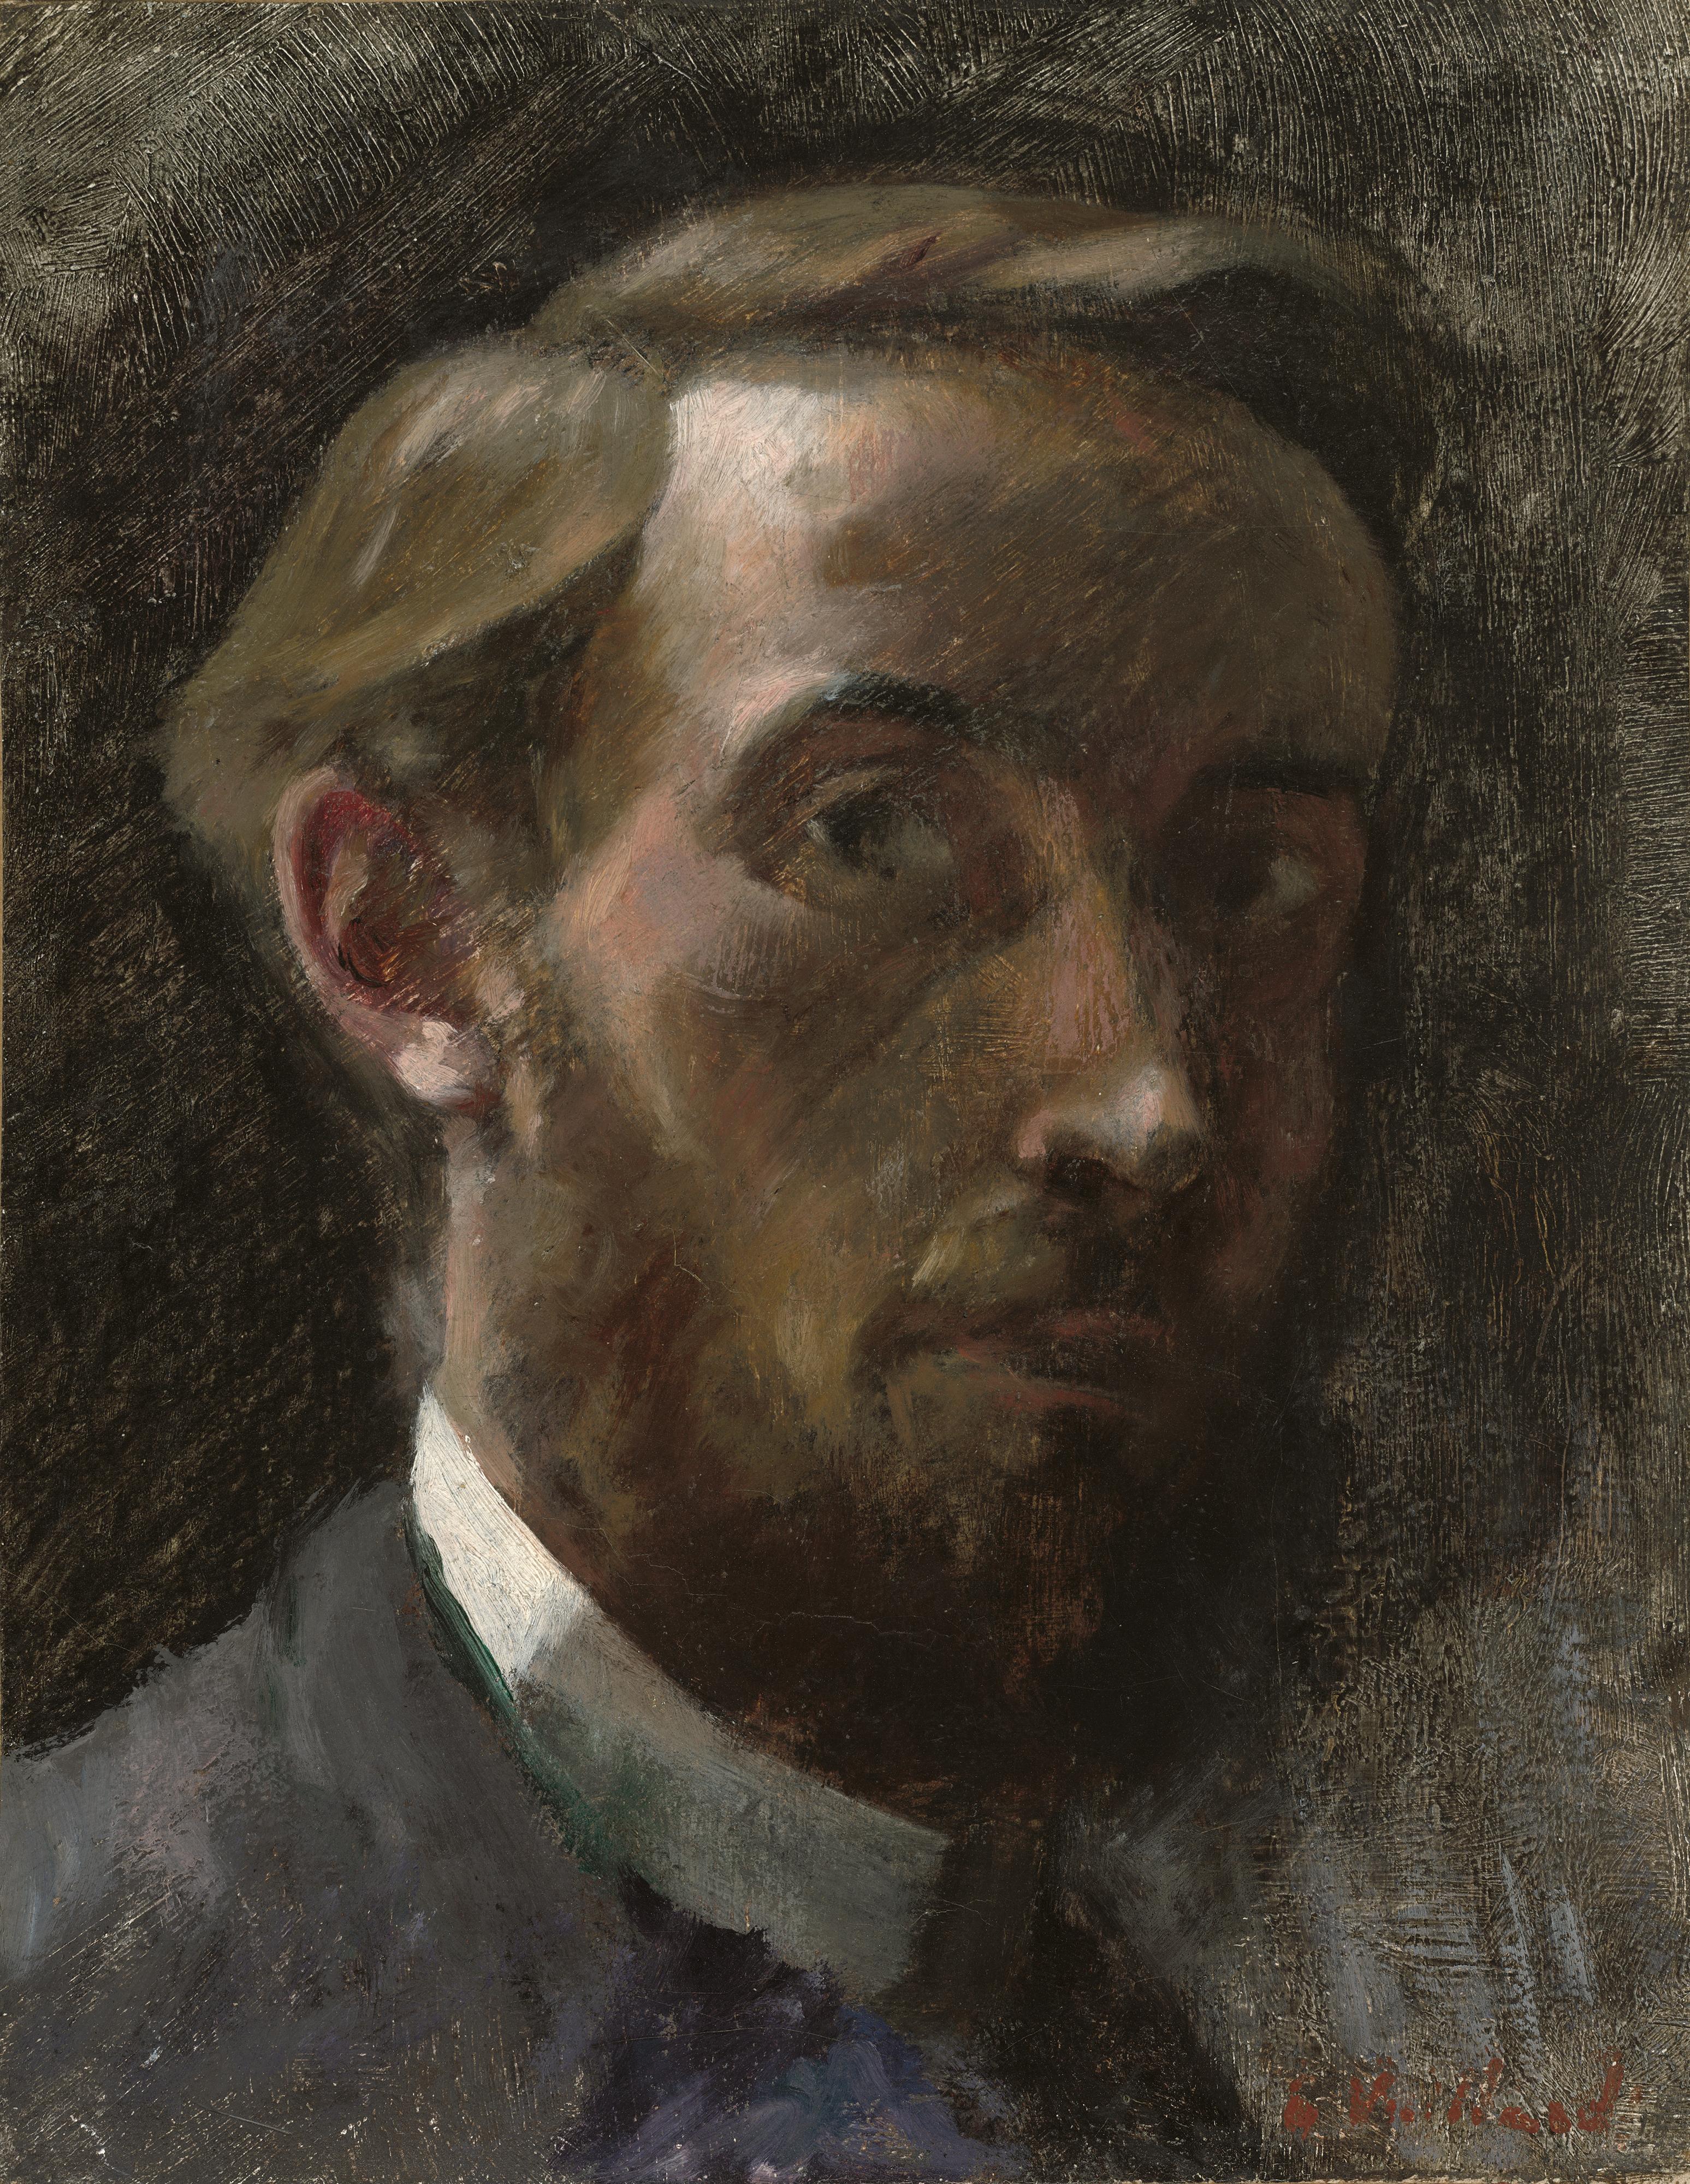 Édouard Vuillard, Self-Portrait Aged 21